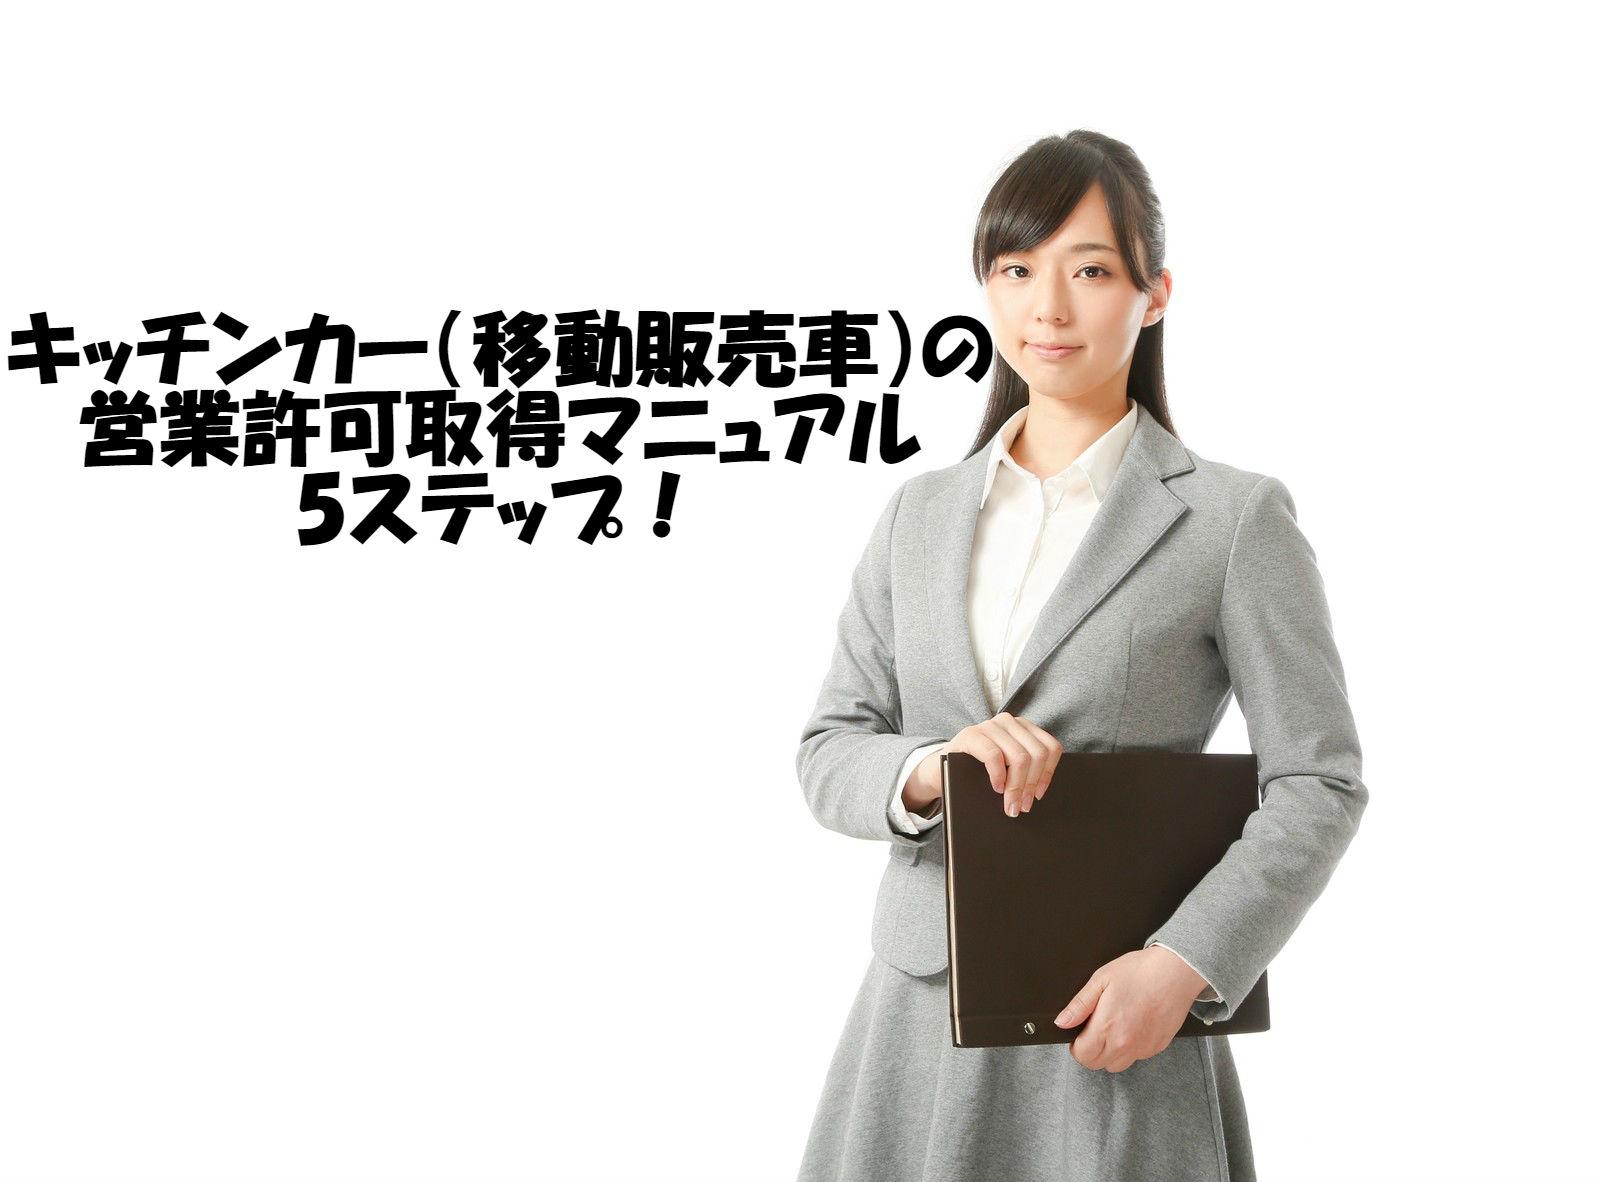 キッチンカー(移動販売車)の偉業許可取得5ステップ!